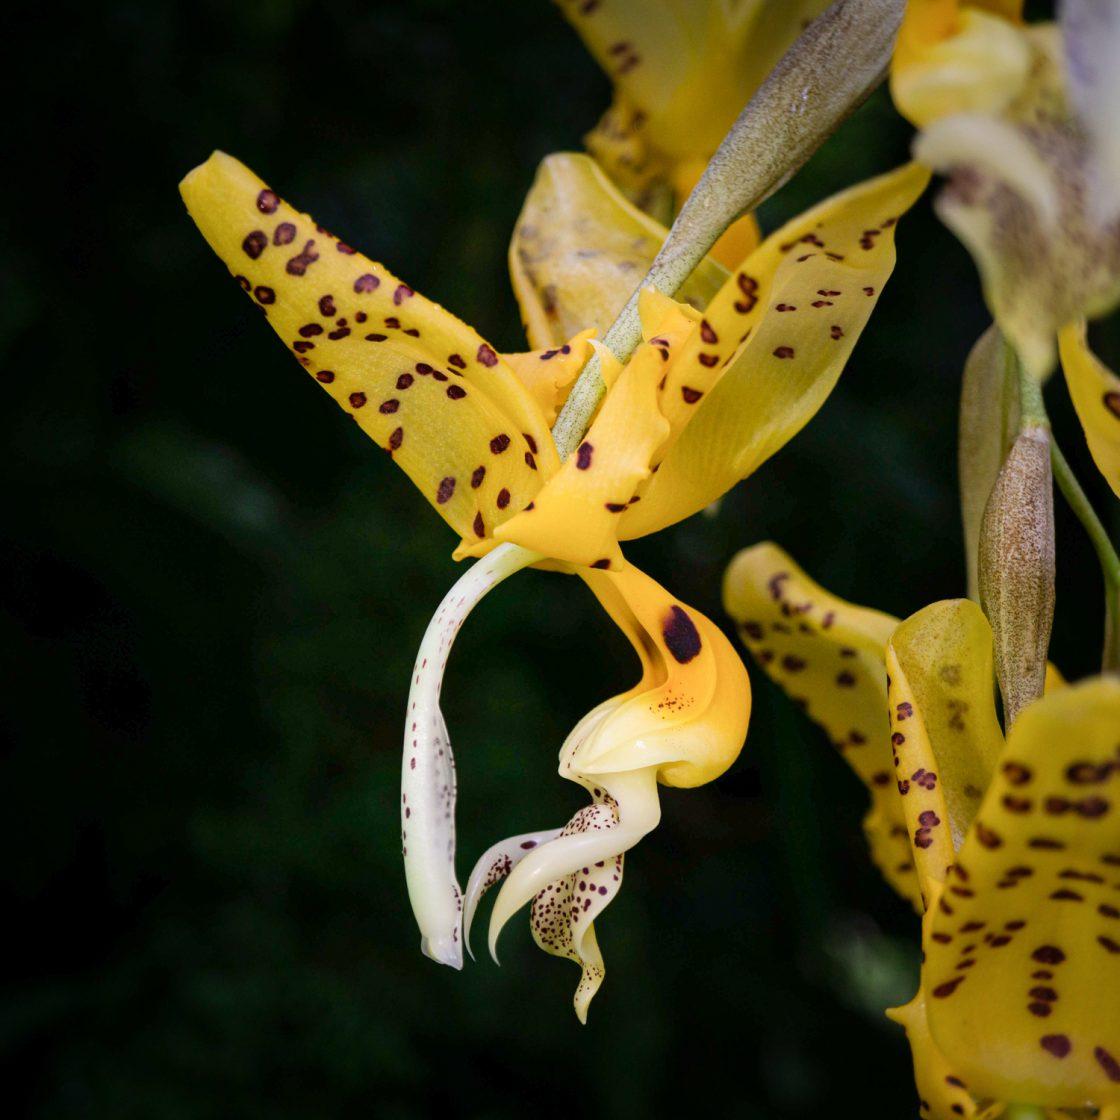 Flor grande colgante de orquídea Stanhopea de color amarillo con manchas chocolates a la derecha otras flores desenfocadas y el fondo negro